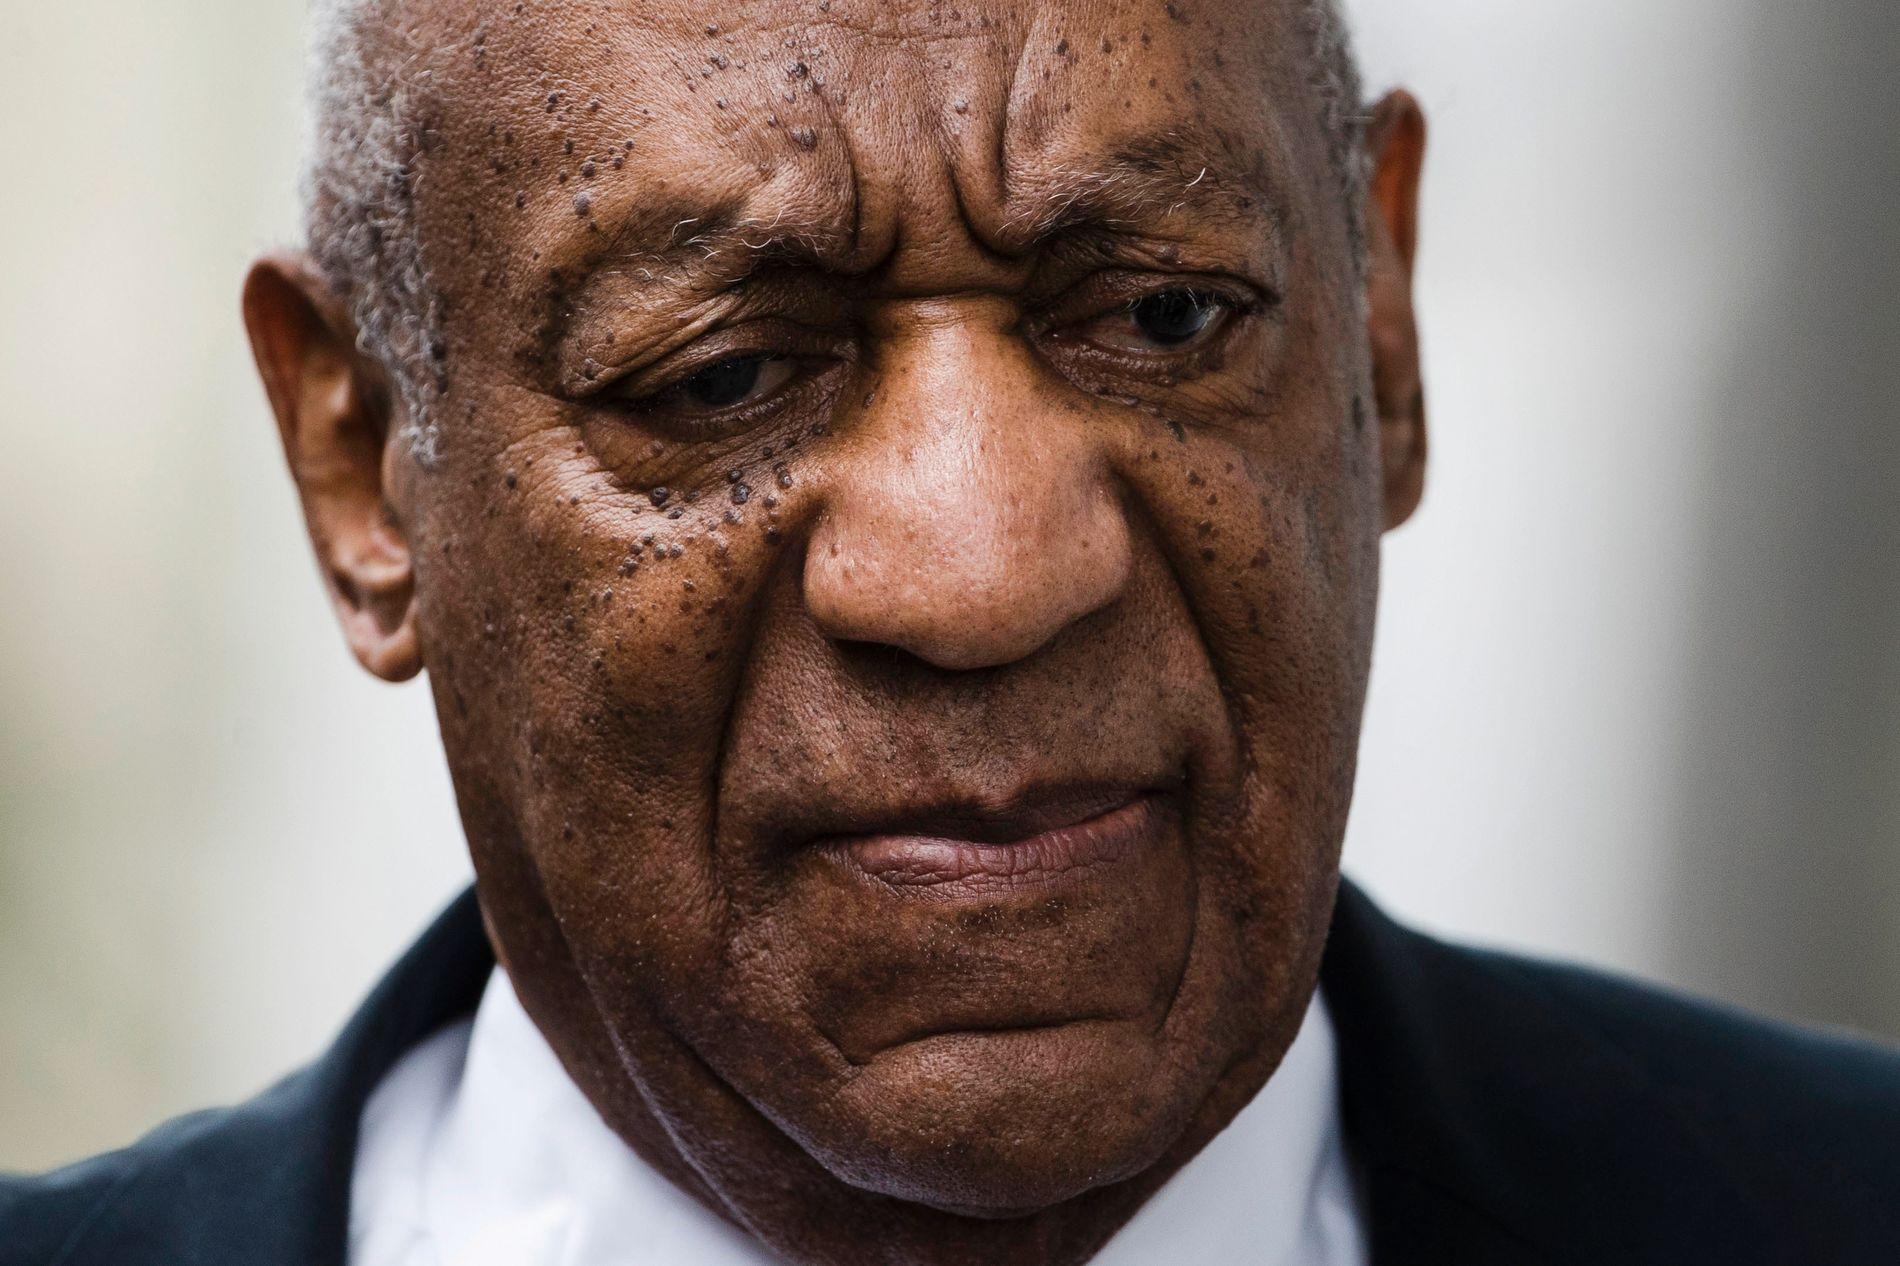 KAN FÅ 30 ÅR I FENGSEL: Bill Cosby (81) får straffen neste uke i Pennsylvania.